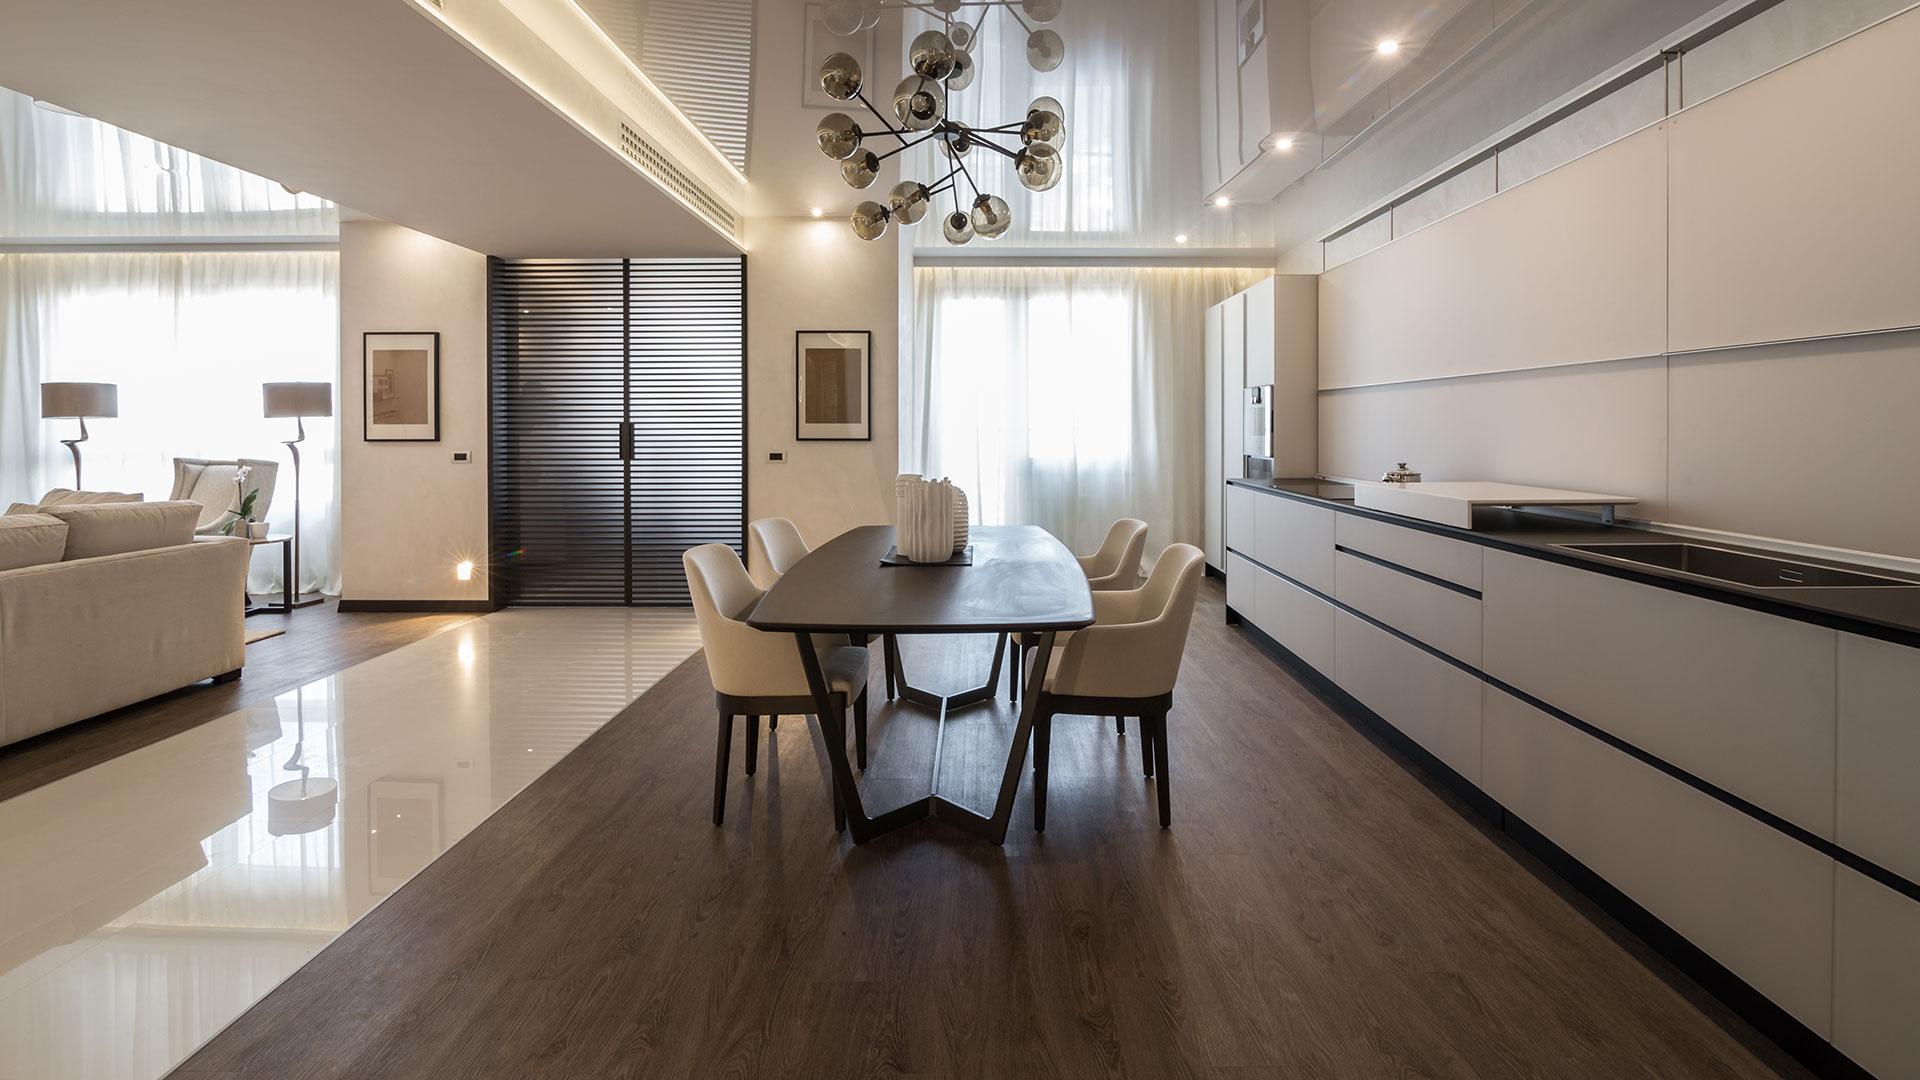 Pavimento Pvc Click Opinioni pavimenti lvt swing floor - effetti realistici legno, pietra